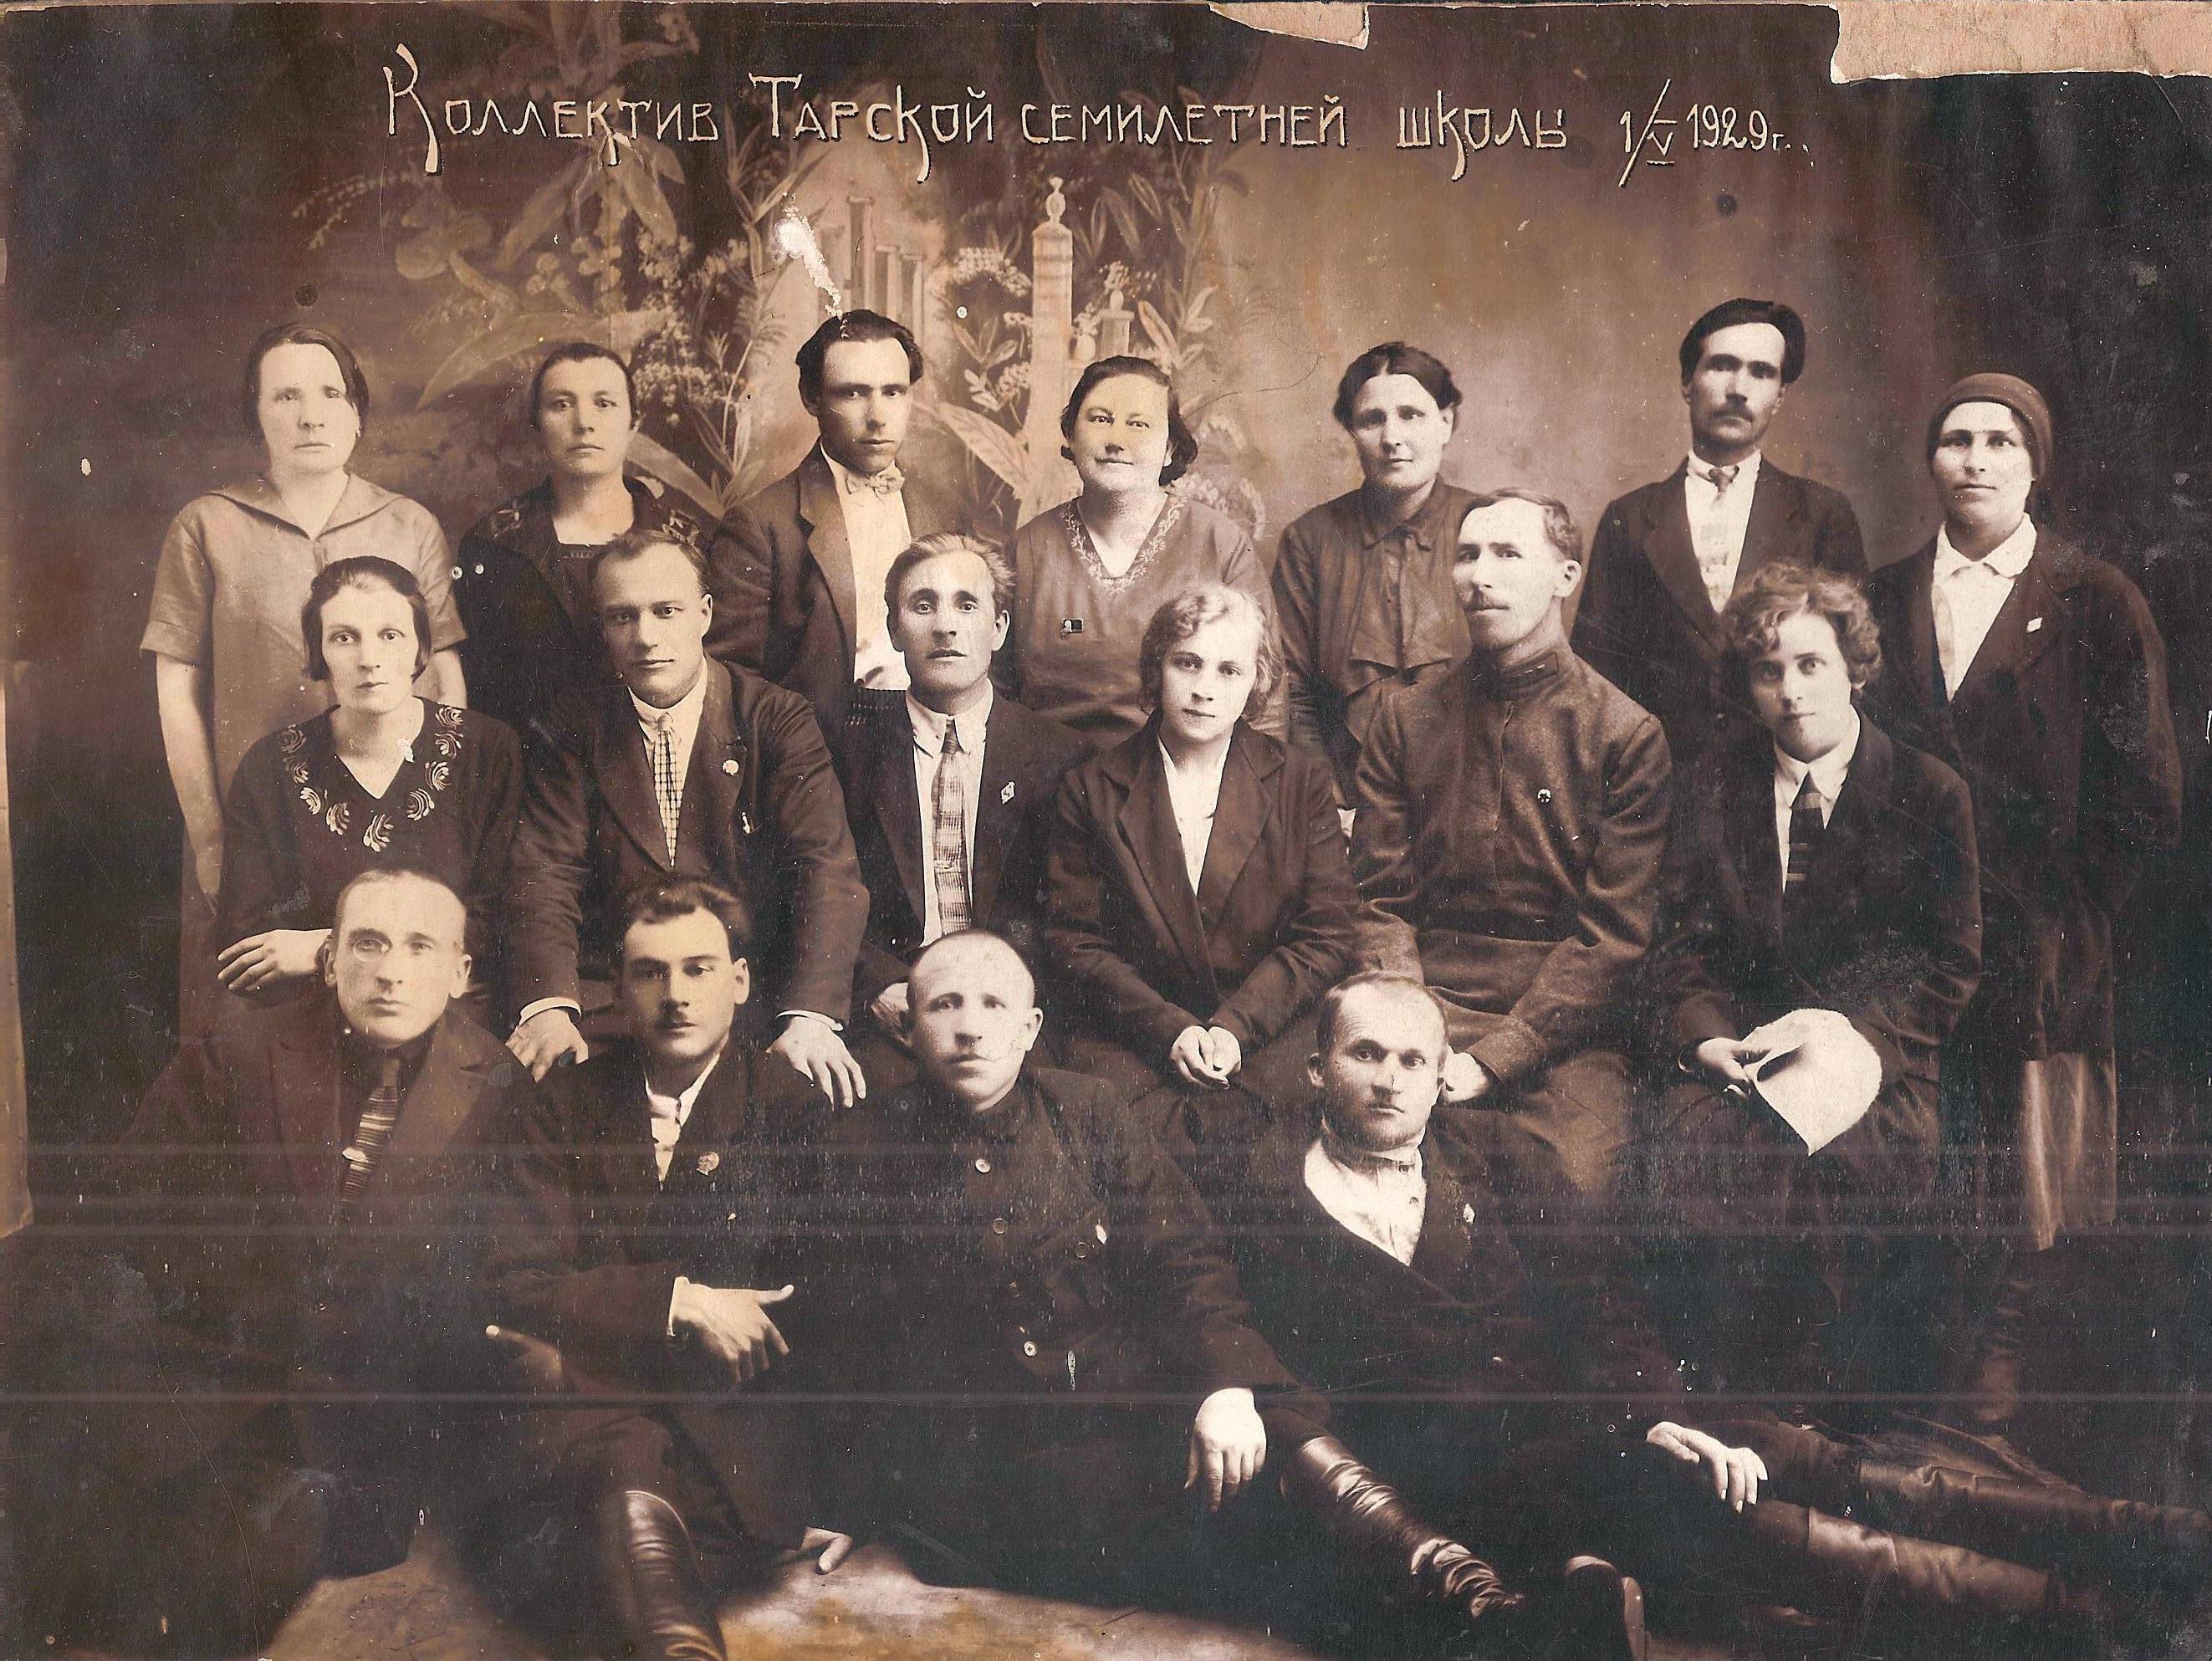 1929. Коллектив Тарской семилетней школы. 1 мая